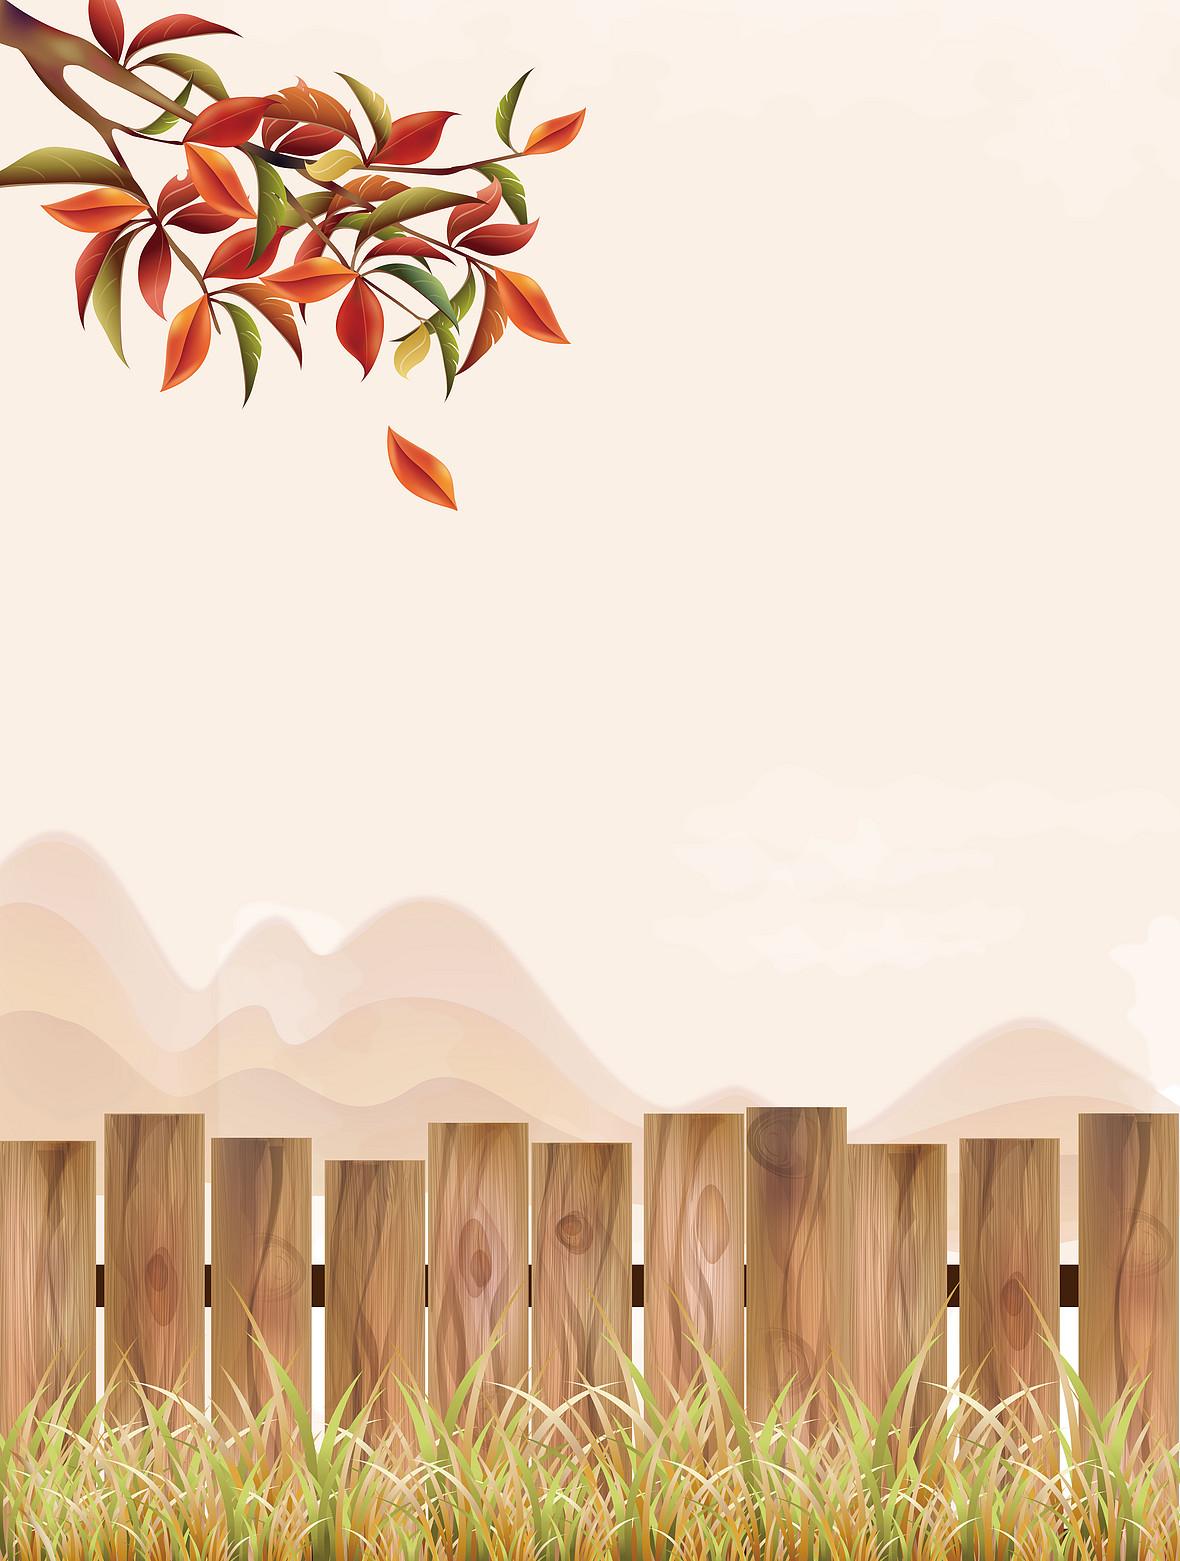 矢量秋季红叶木栅栏手绘风景背景